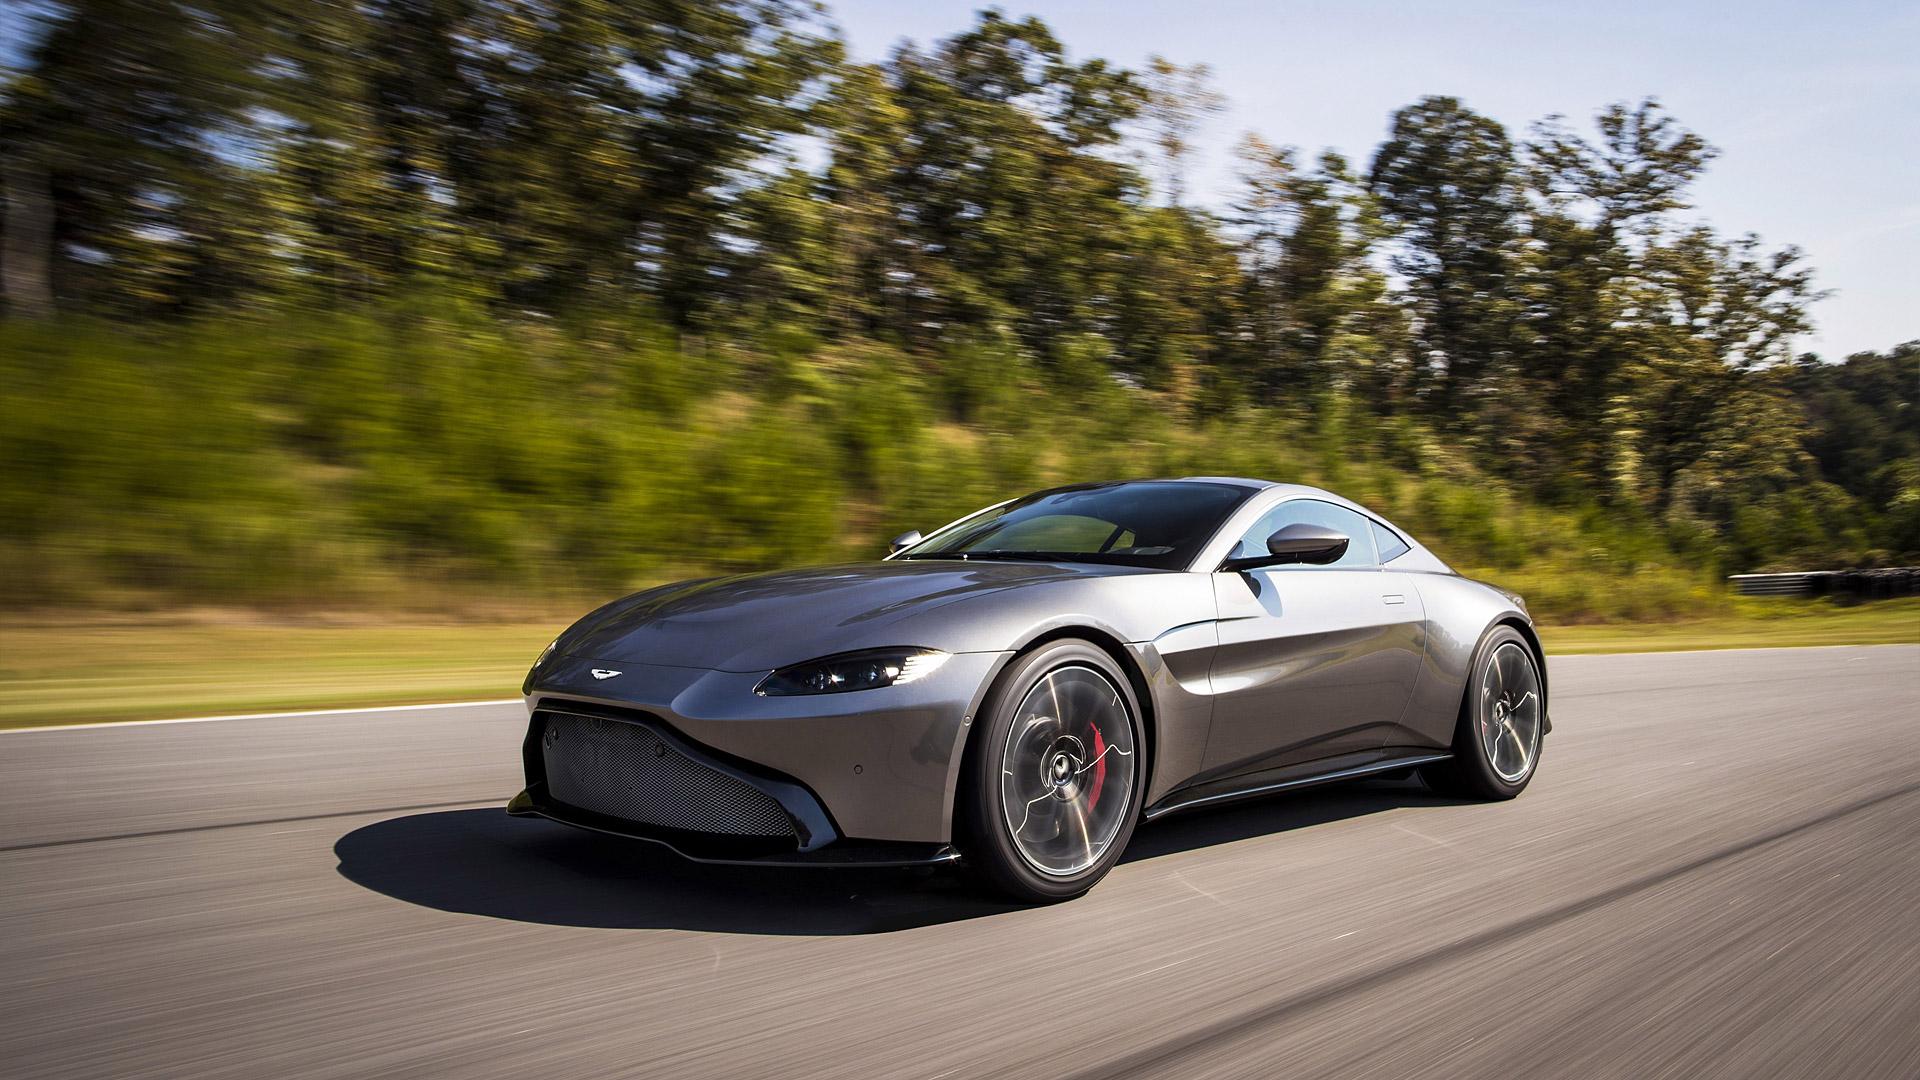 Wallpaper Aston Martin Aston Martin Vantage 1920x1080 Tytahxamoh 1759381 Hd Wallpapers Wallhere